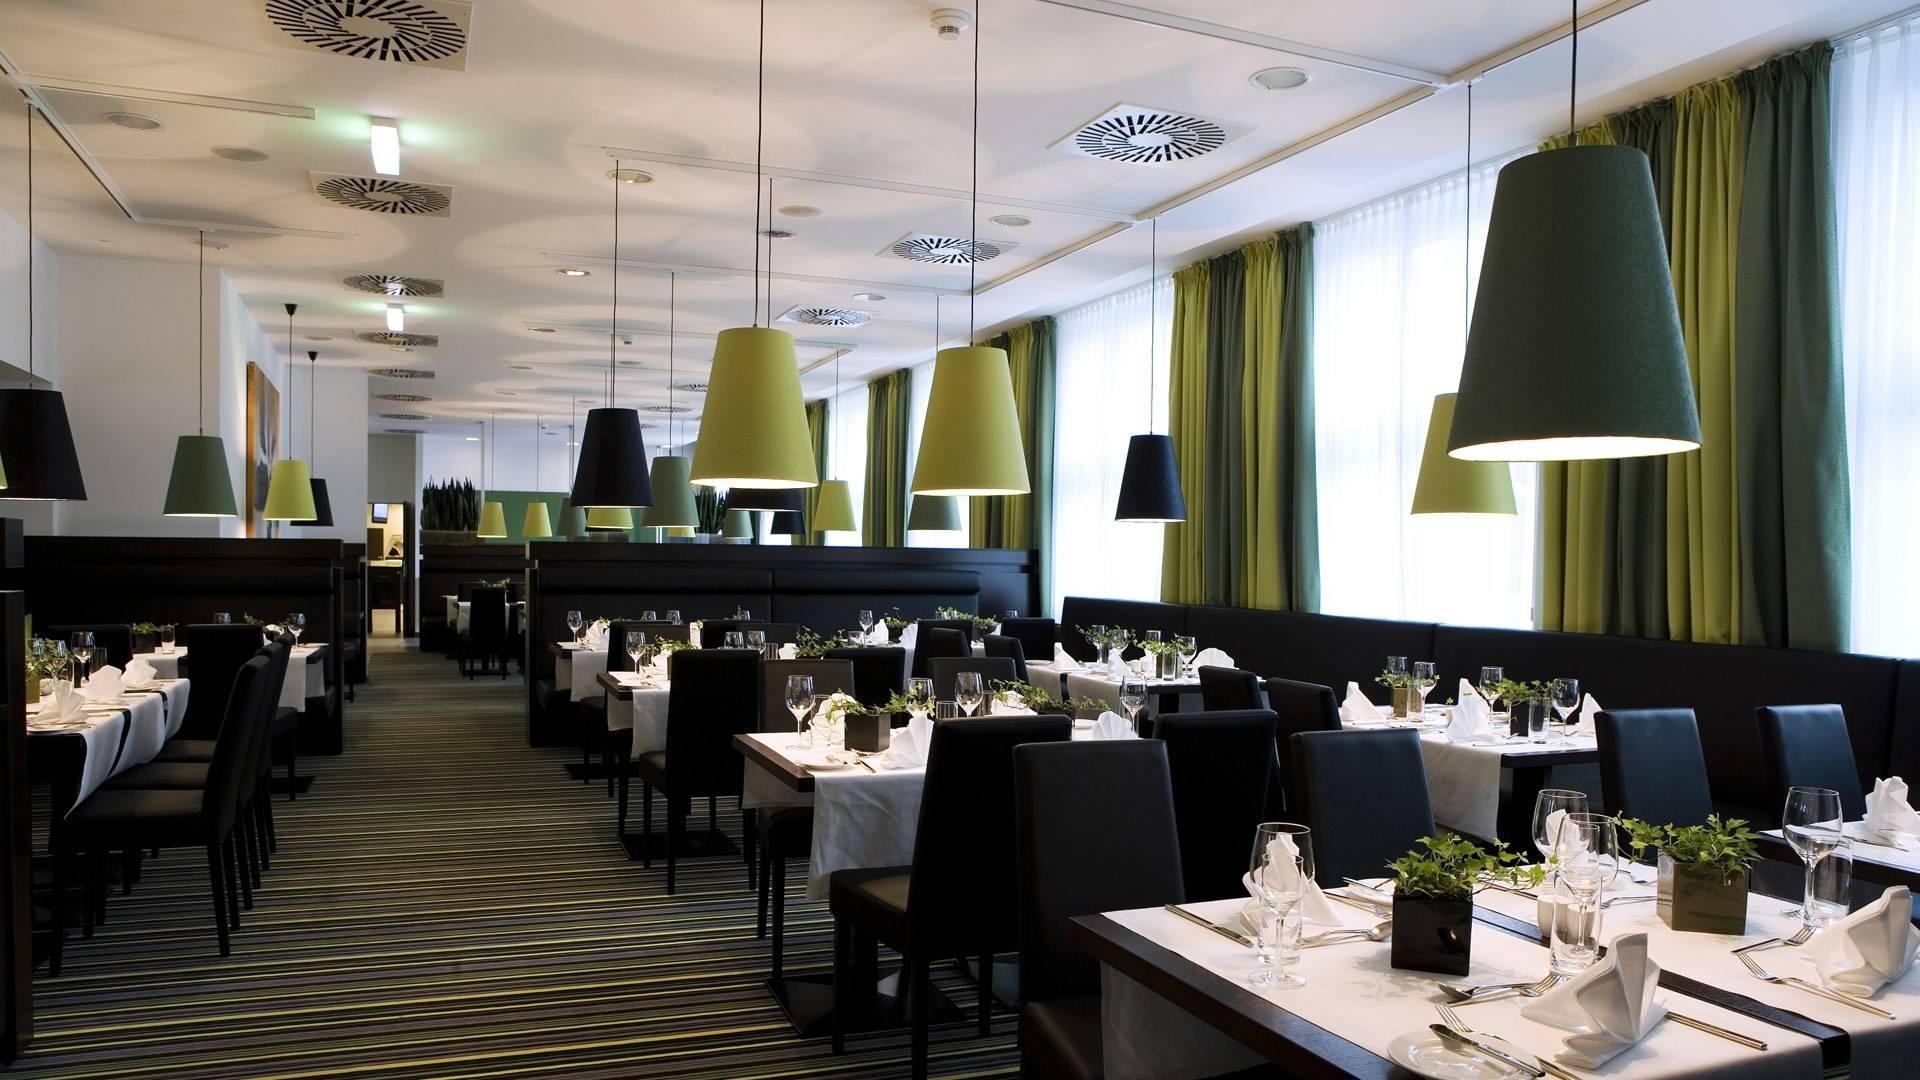 Fresh Restaurant Pendant Lights 94 In Drum Light Fixtures Ceiling for Restaurant Pendant Lighting Fixtures (Image 10 of 15)